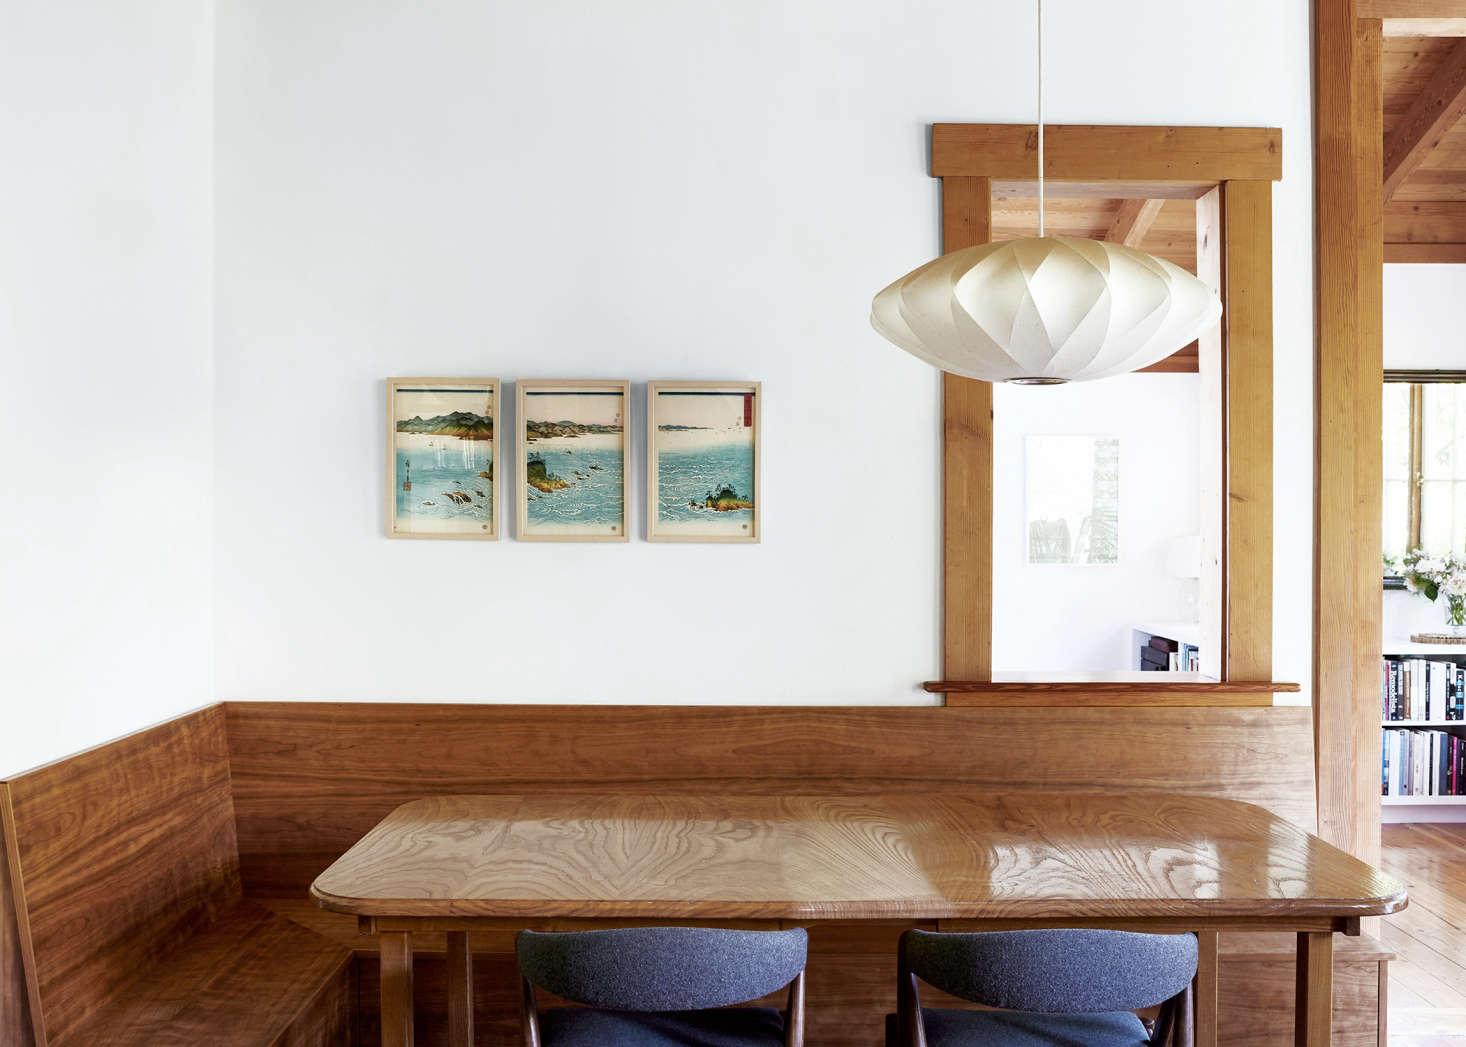 Kitchen of the Week: Aya Brackett\'s Hippie House Update in Oakland ...